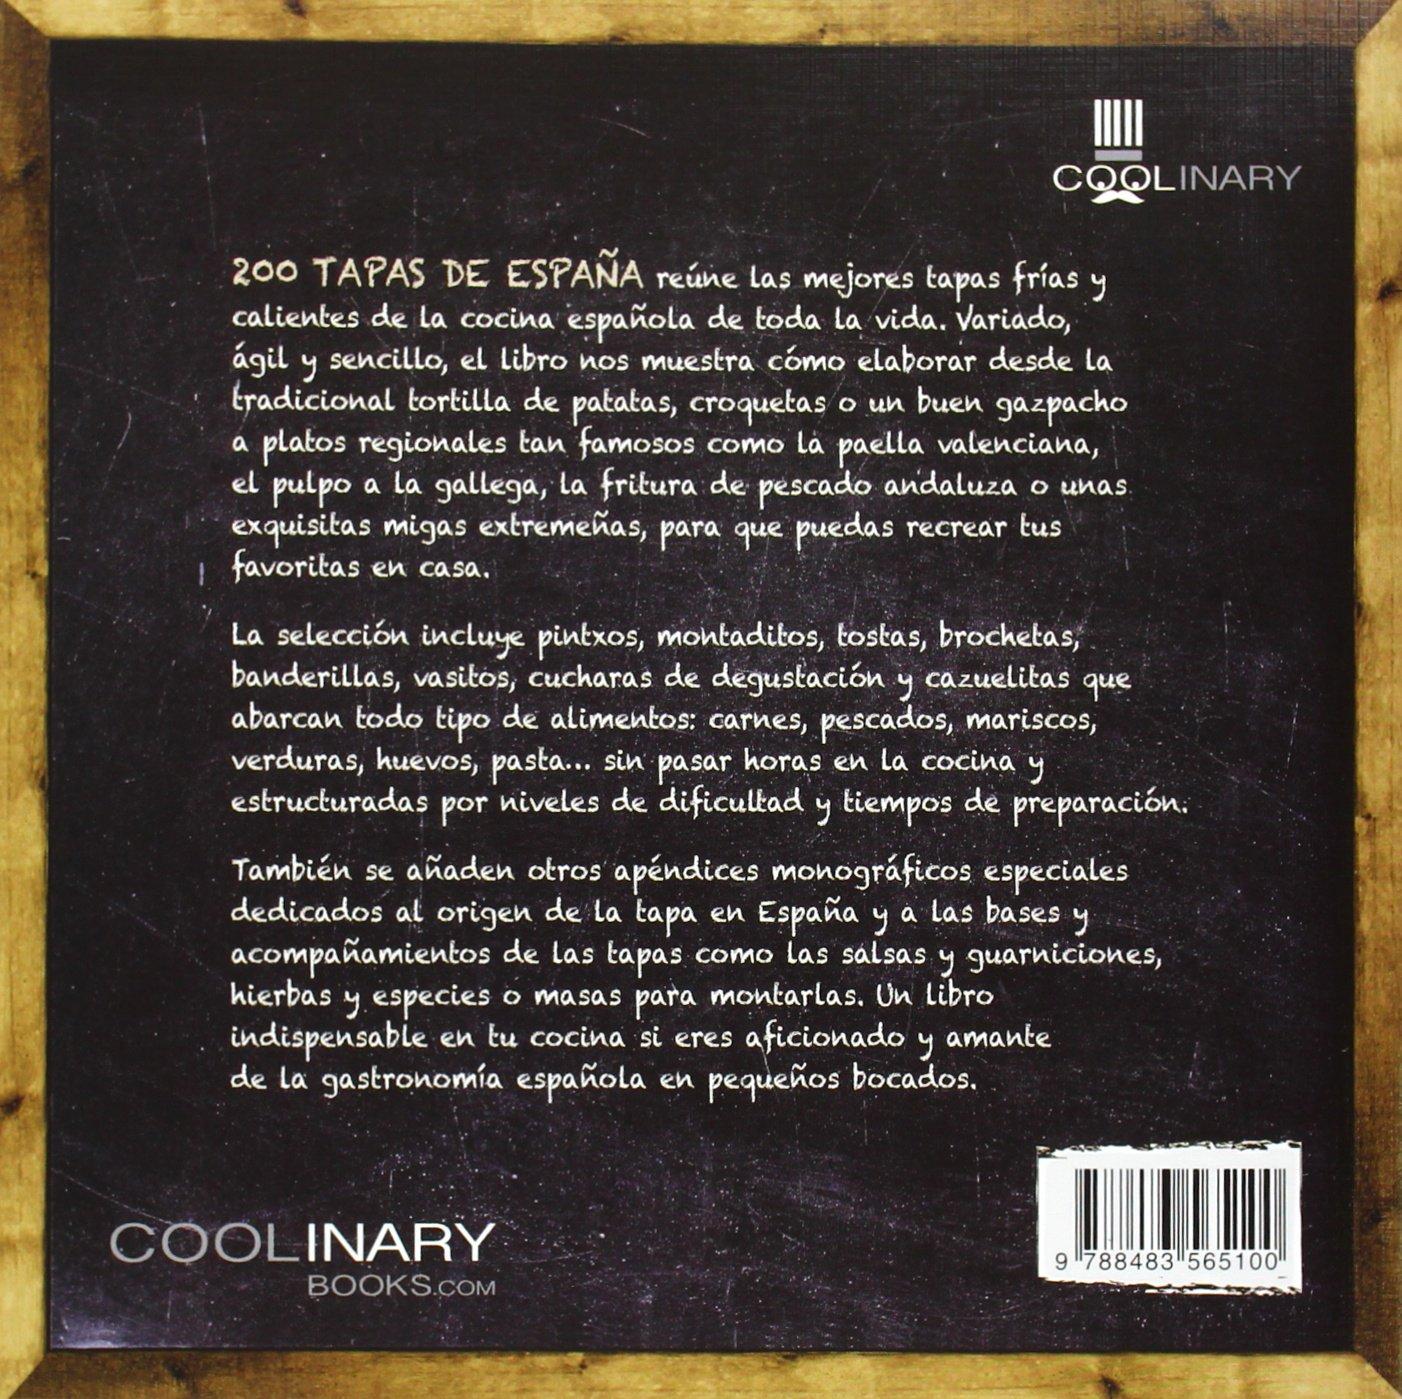 200 Tapas De España: Sus Ingredientes, Sus Fotos Y Sus Recetas Coolinary: Amazon.es: Acosta Pérez, Alberto de Jesús: Libros